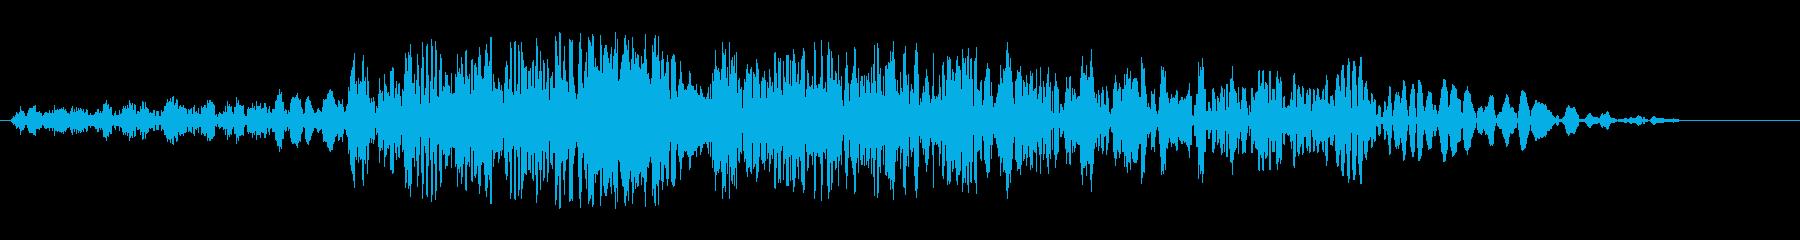 グルグルビシューン(風の音)の再生済みの波形